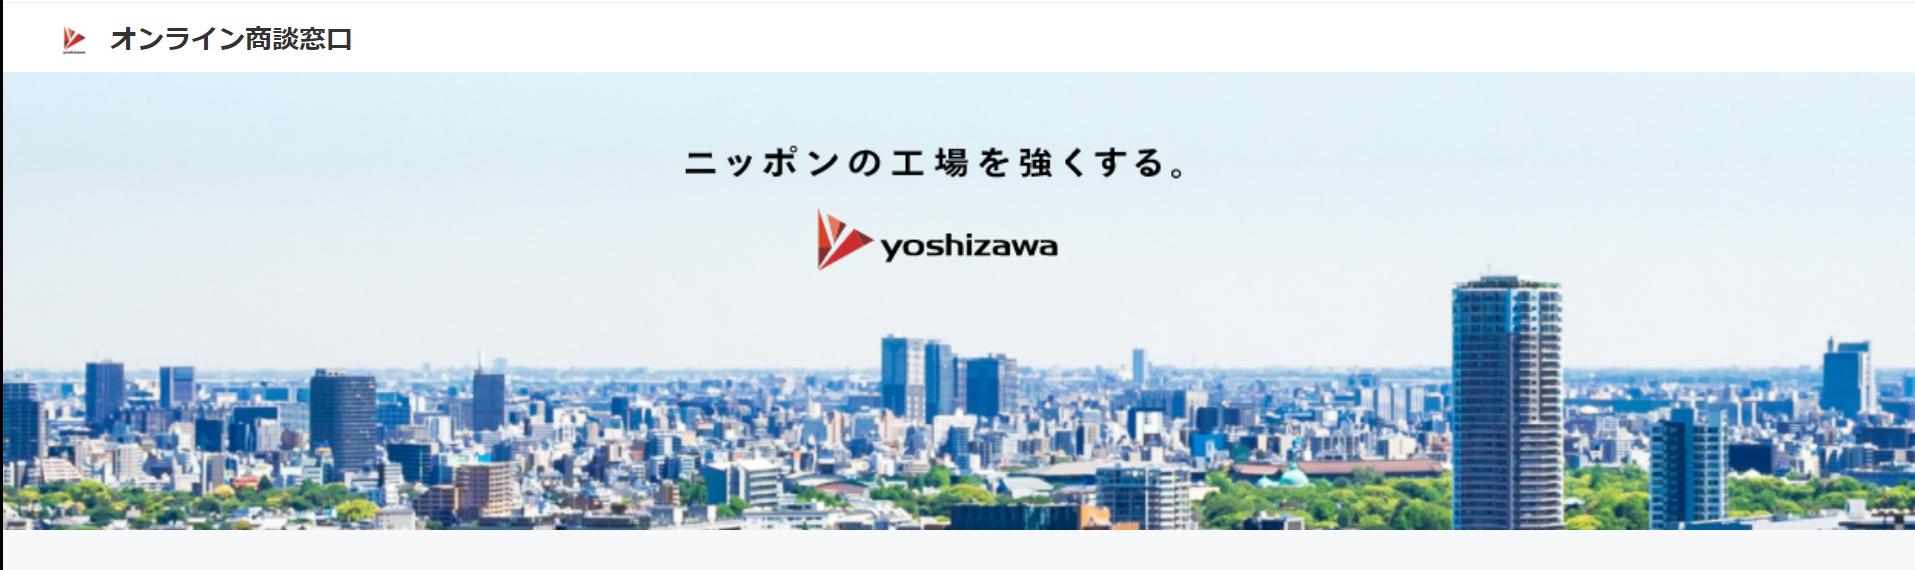 【お知らせ】オンライン商談リニューアルオープンしました!